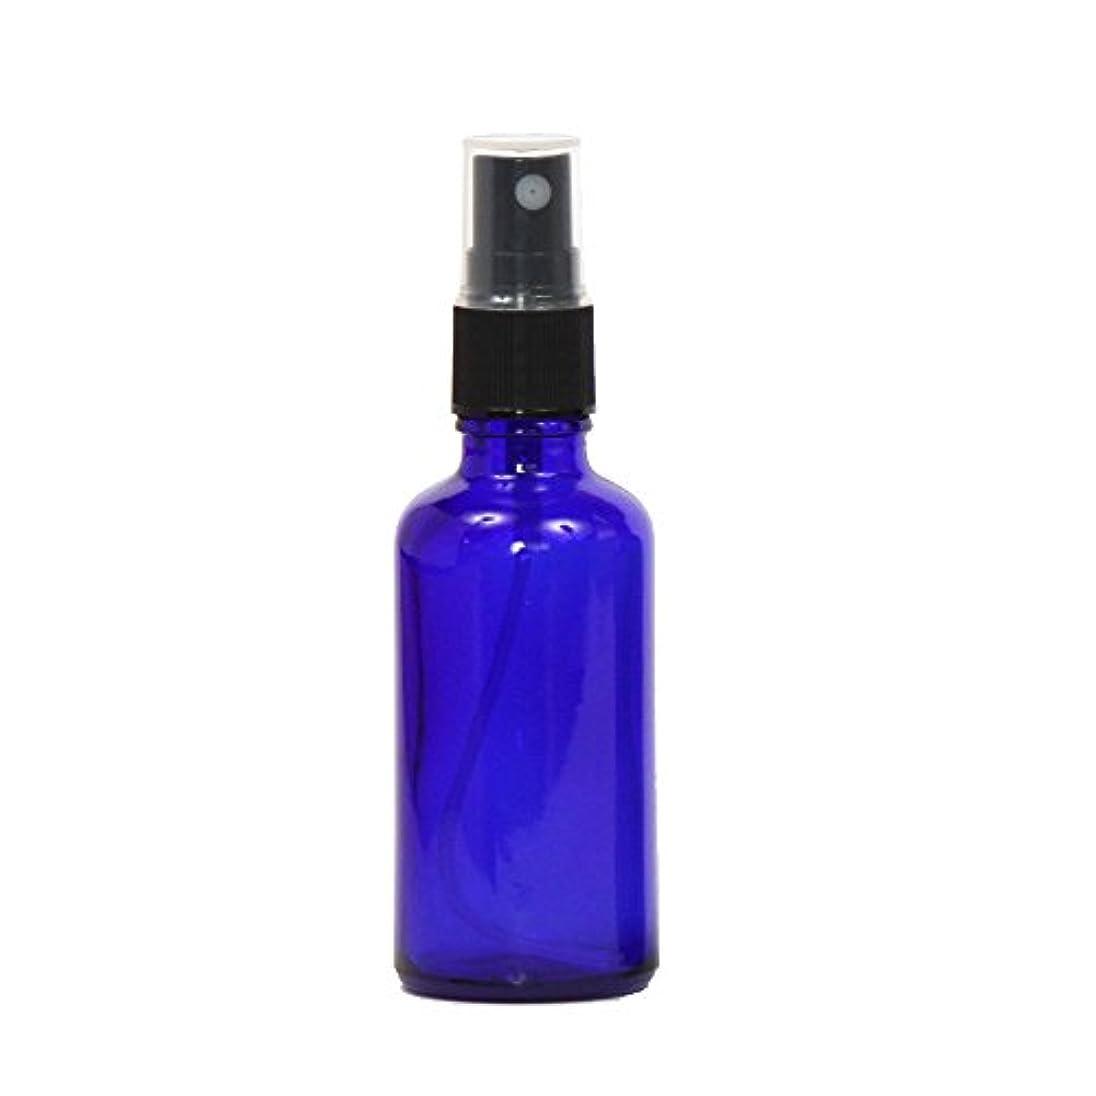 ゲインセイまたはどちらか迷惑スプレー容器 ガラス瓶ボトル 50mL 遮光性ブルー おしゃれガラスアトマイザー 空容器bu50g